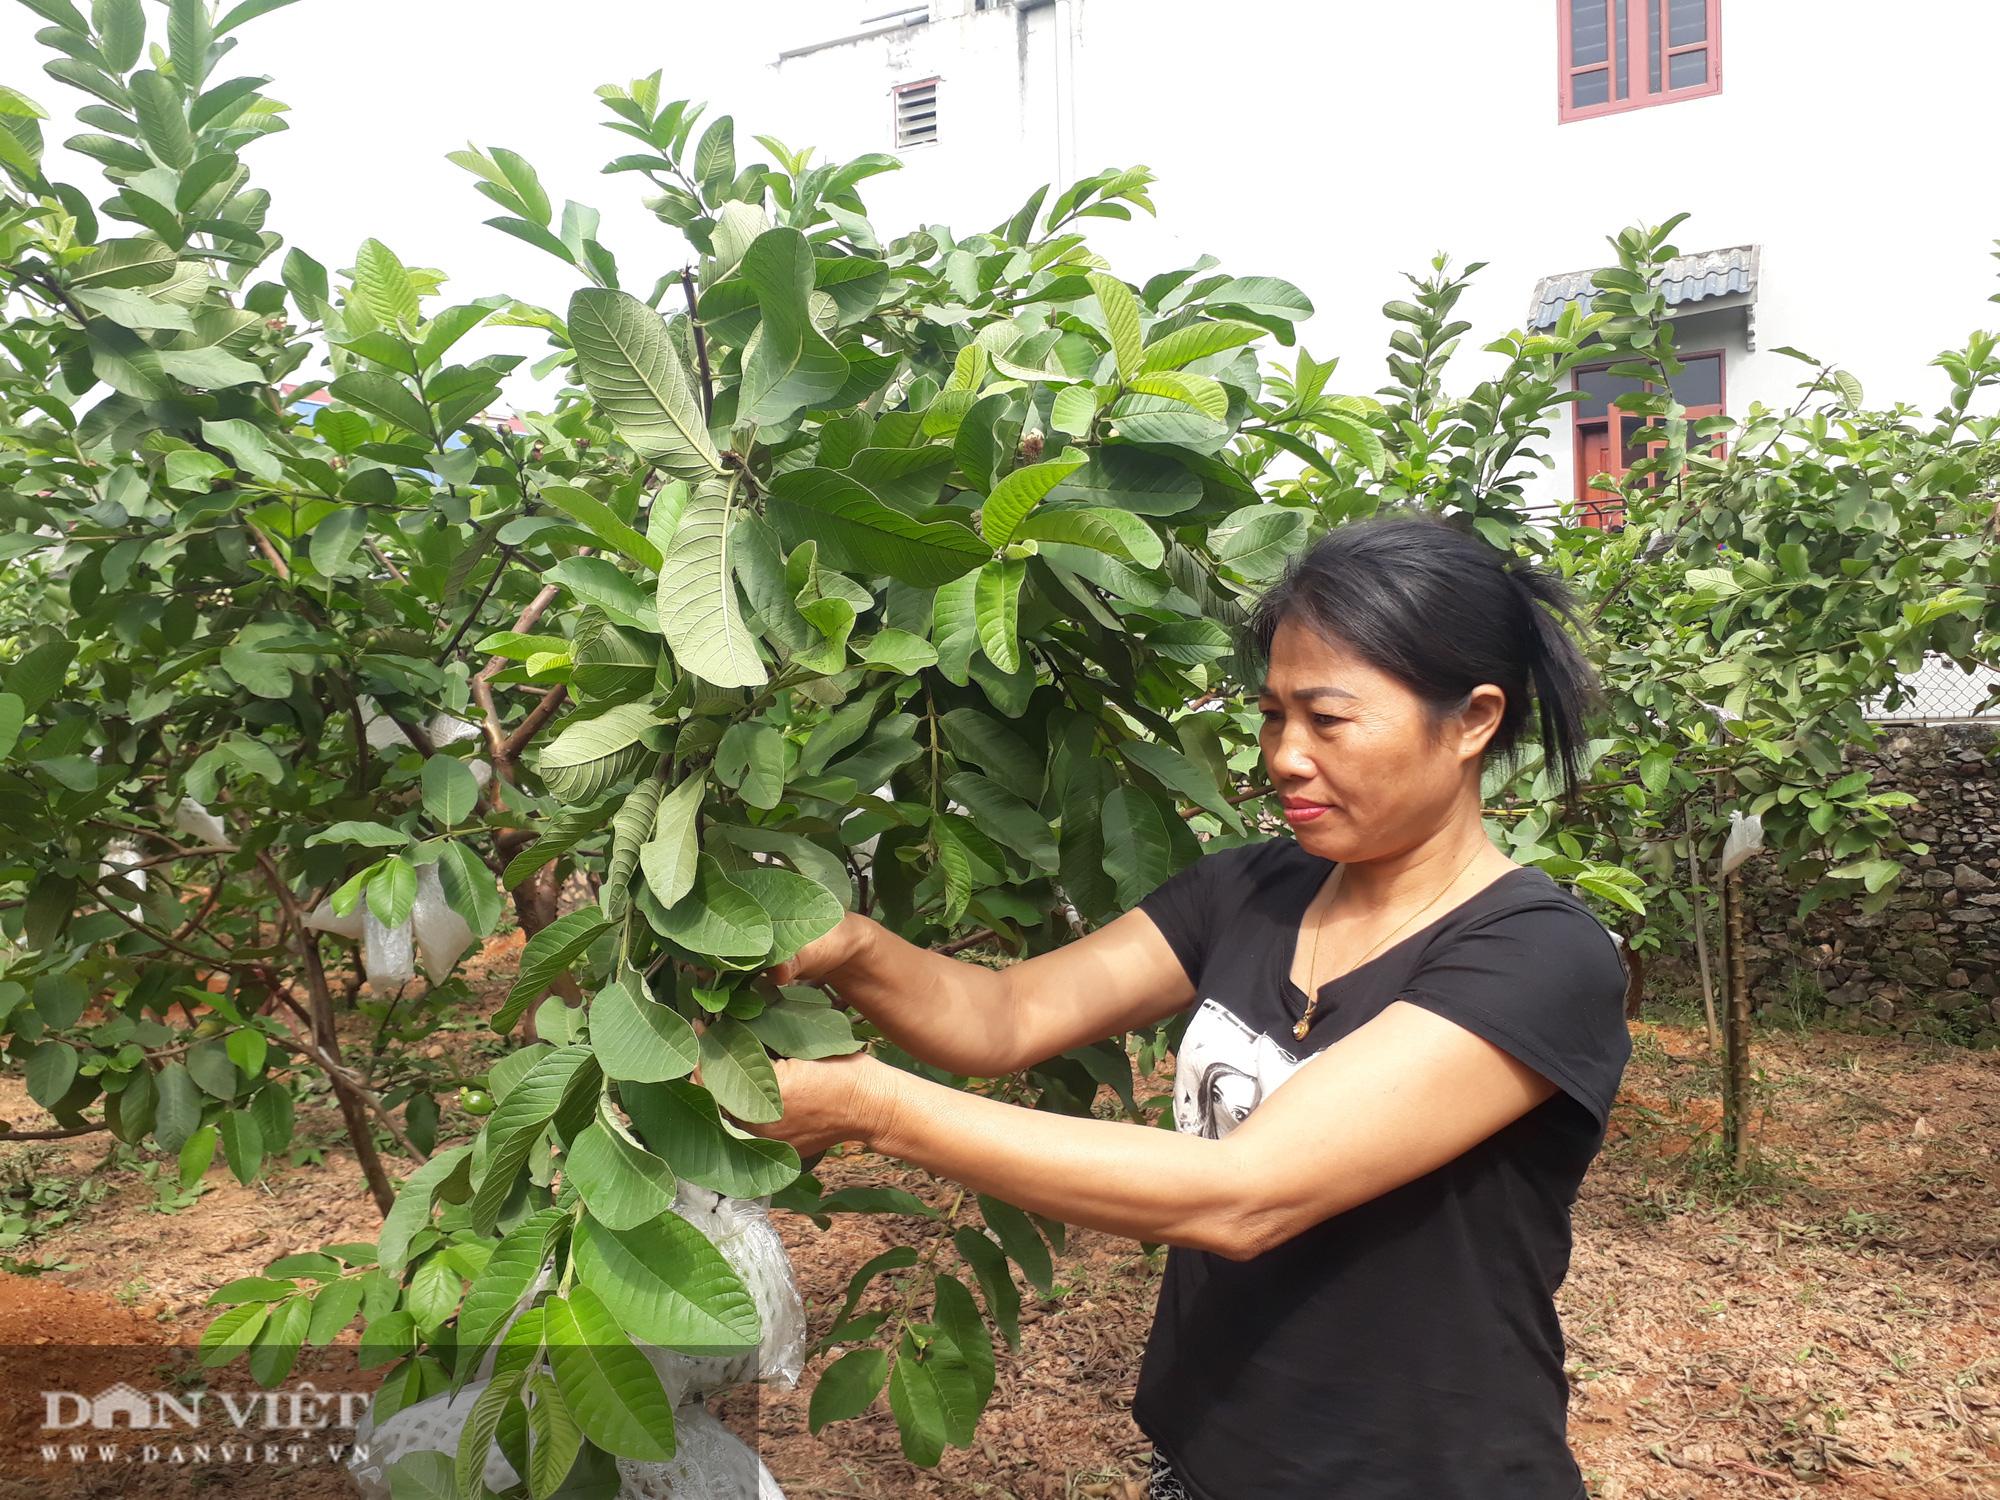 Trồng cây ra quả ngọt quanh năm, vợ chồng anh nông dân Thái Nguyên thu hàng trăm triệu đồng mỗi năm  - Ảnh 5.